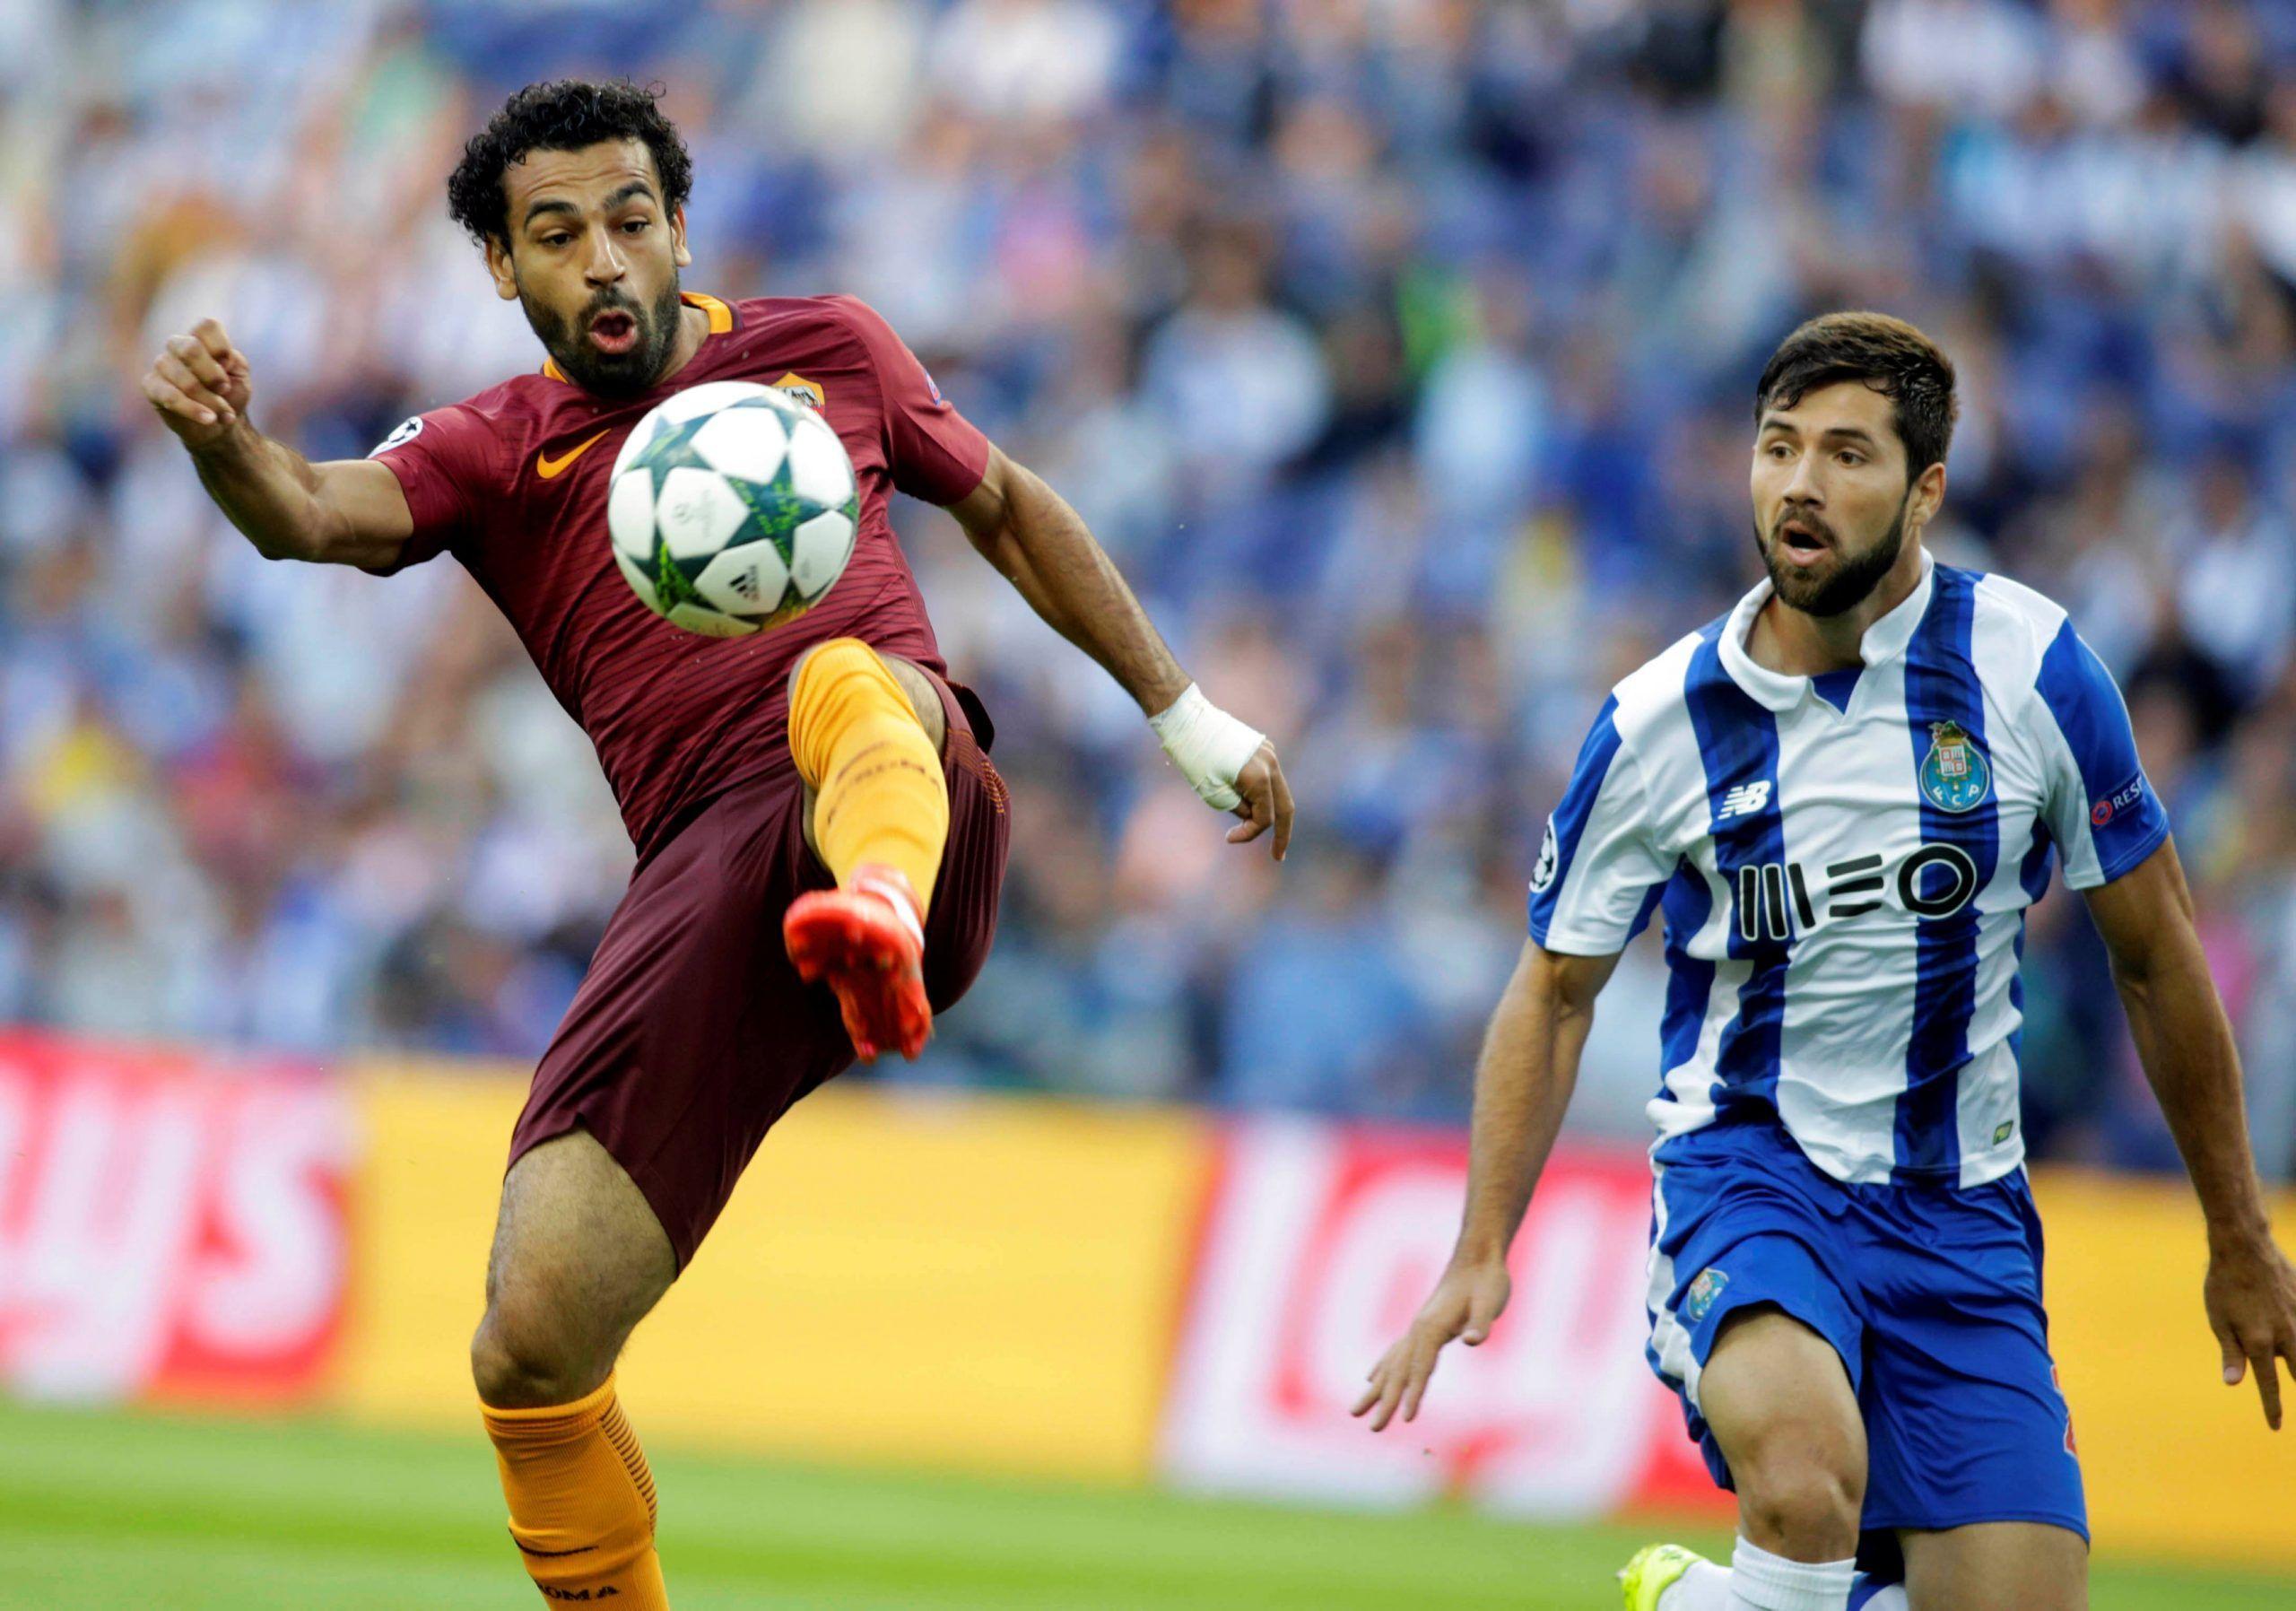 Roma-Porto, ritorno del preliminare di Champions League